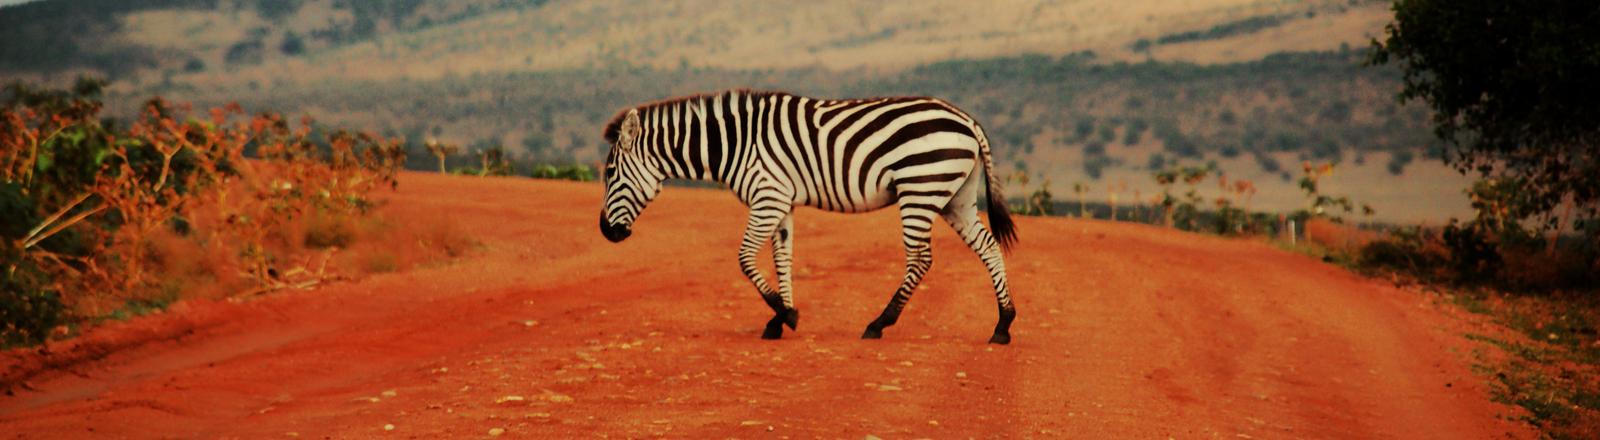 Ein Zebra geht über eine Straße